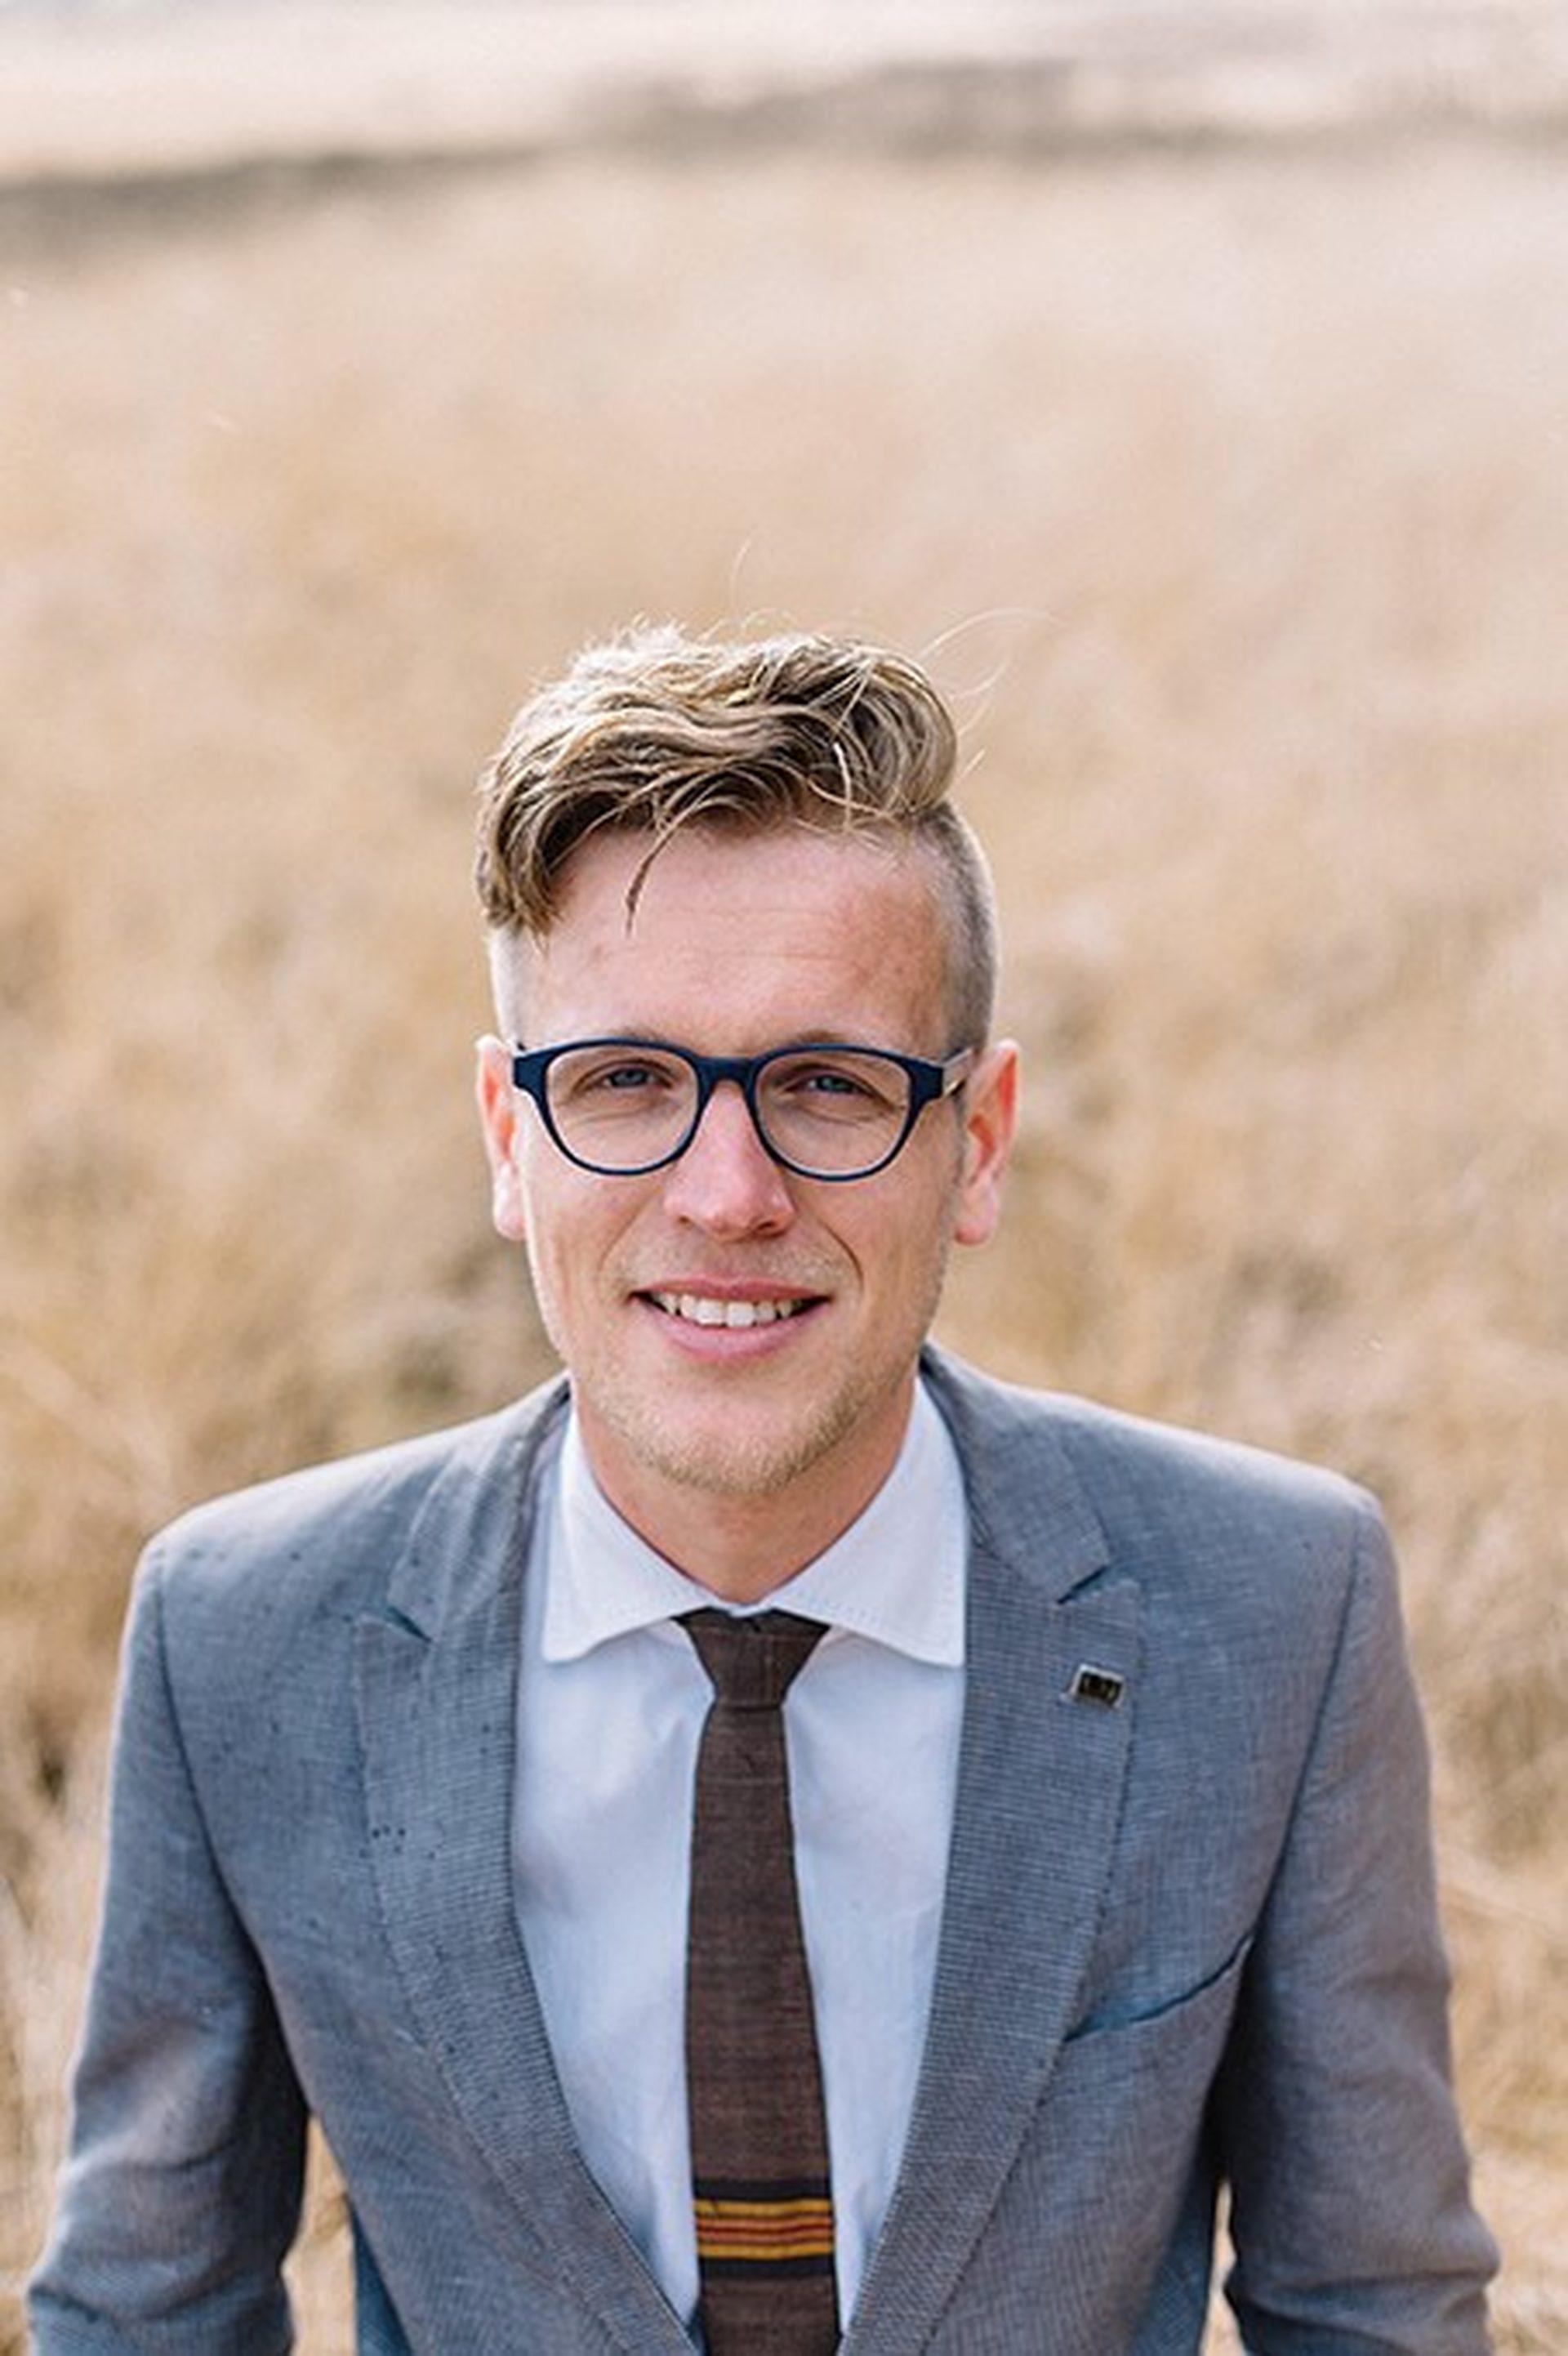 'Amsterdamse studenten zitten niet te wachten op onze vastomlijnde christelijke God' – Maarten